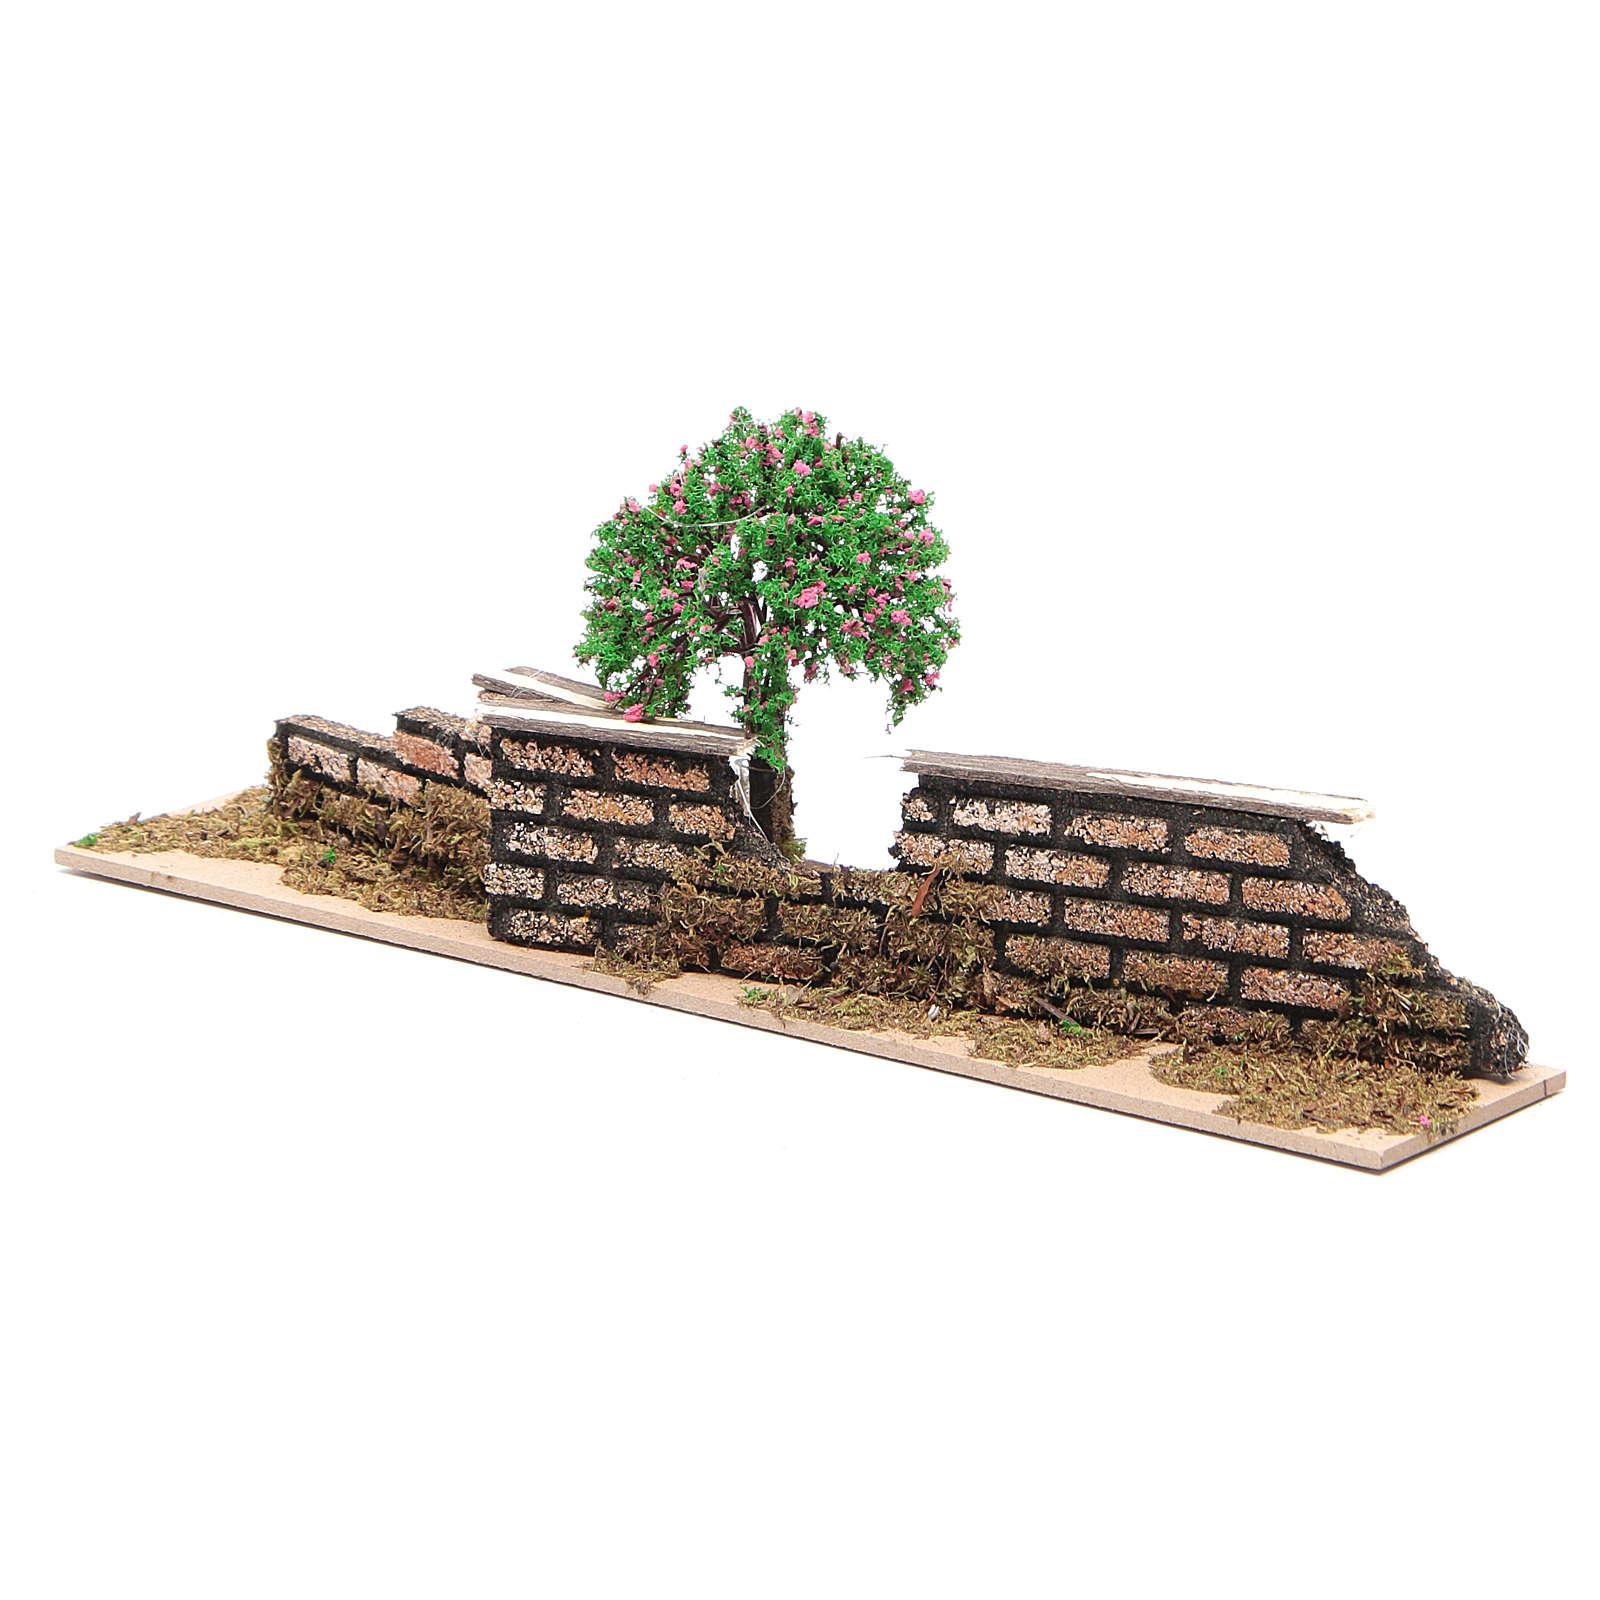 Staccionata in legno con albero di dimensioni 10x30x5 cm 4